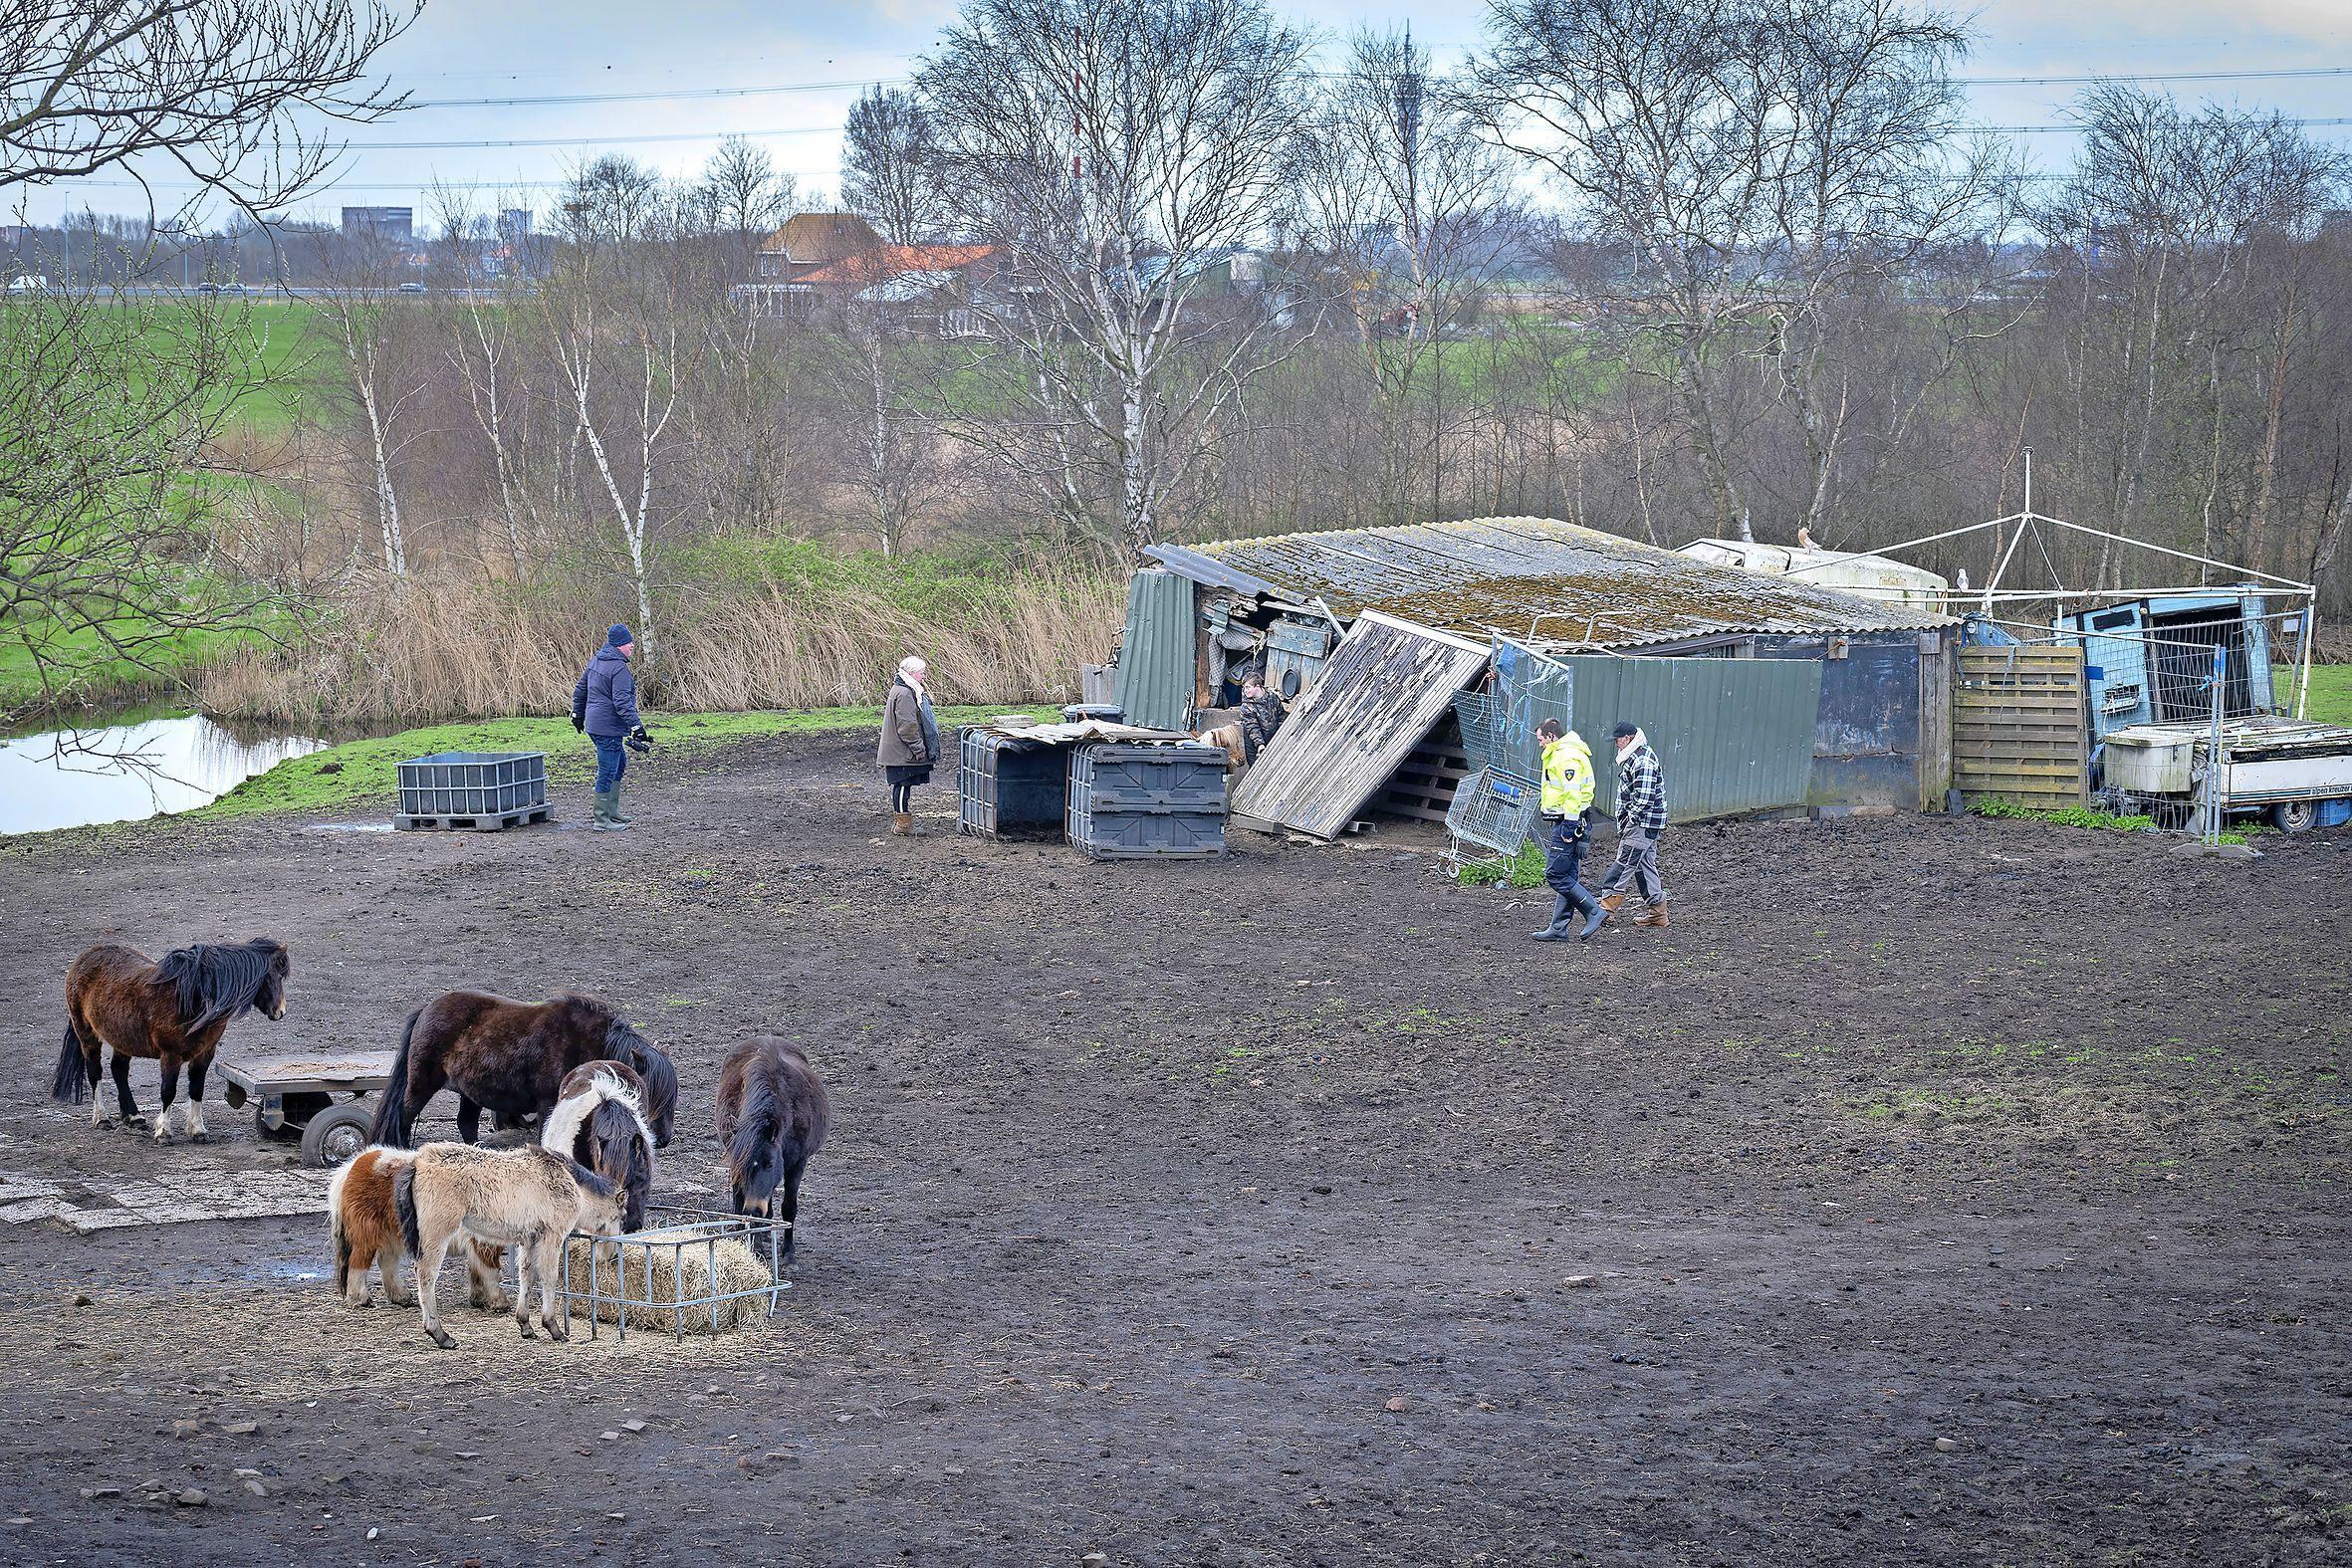 Politie haalt verwaarloosde dieren weg uit weiland in Spaarndam